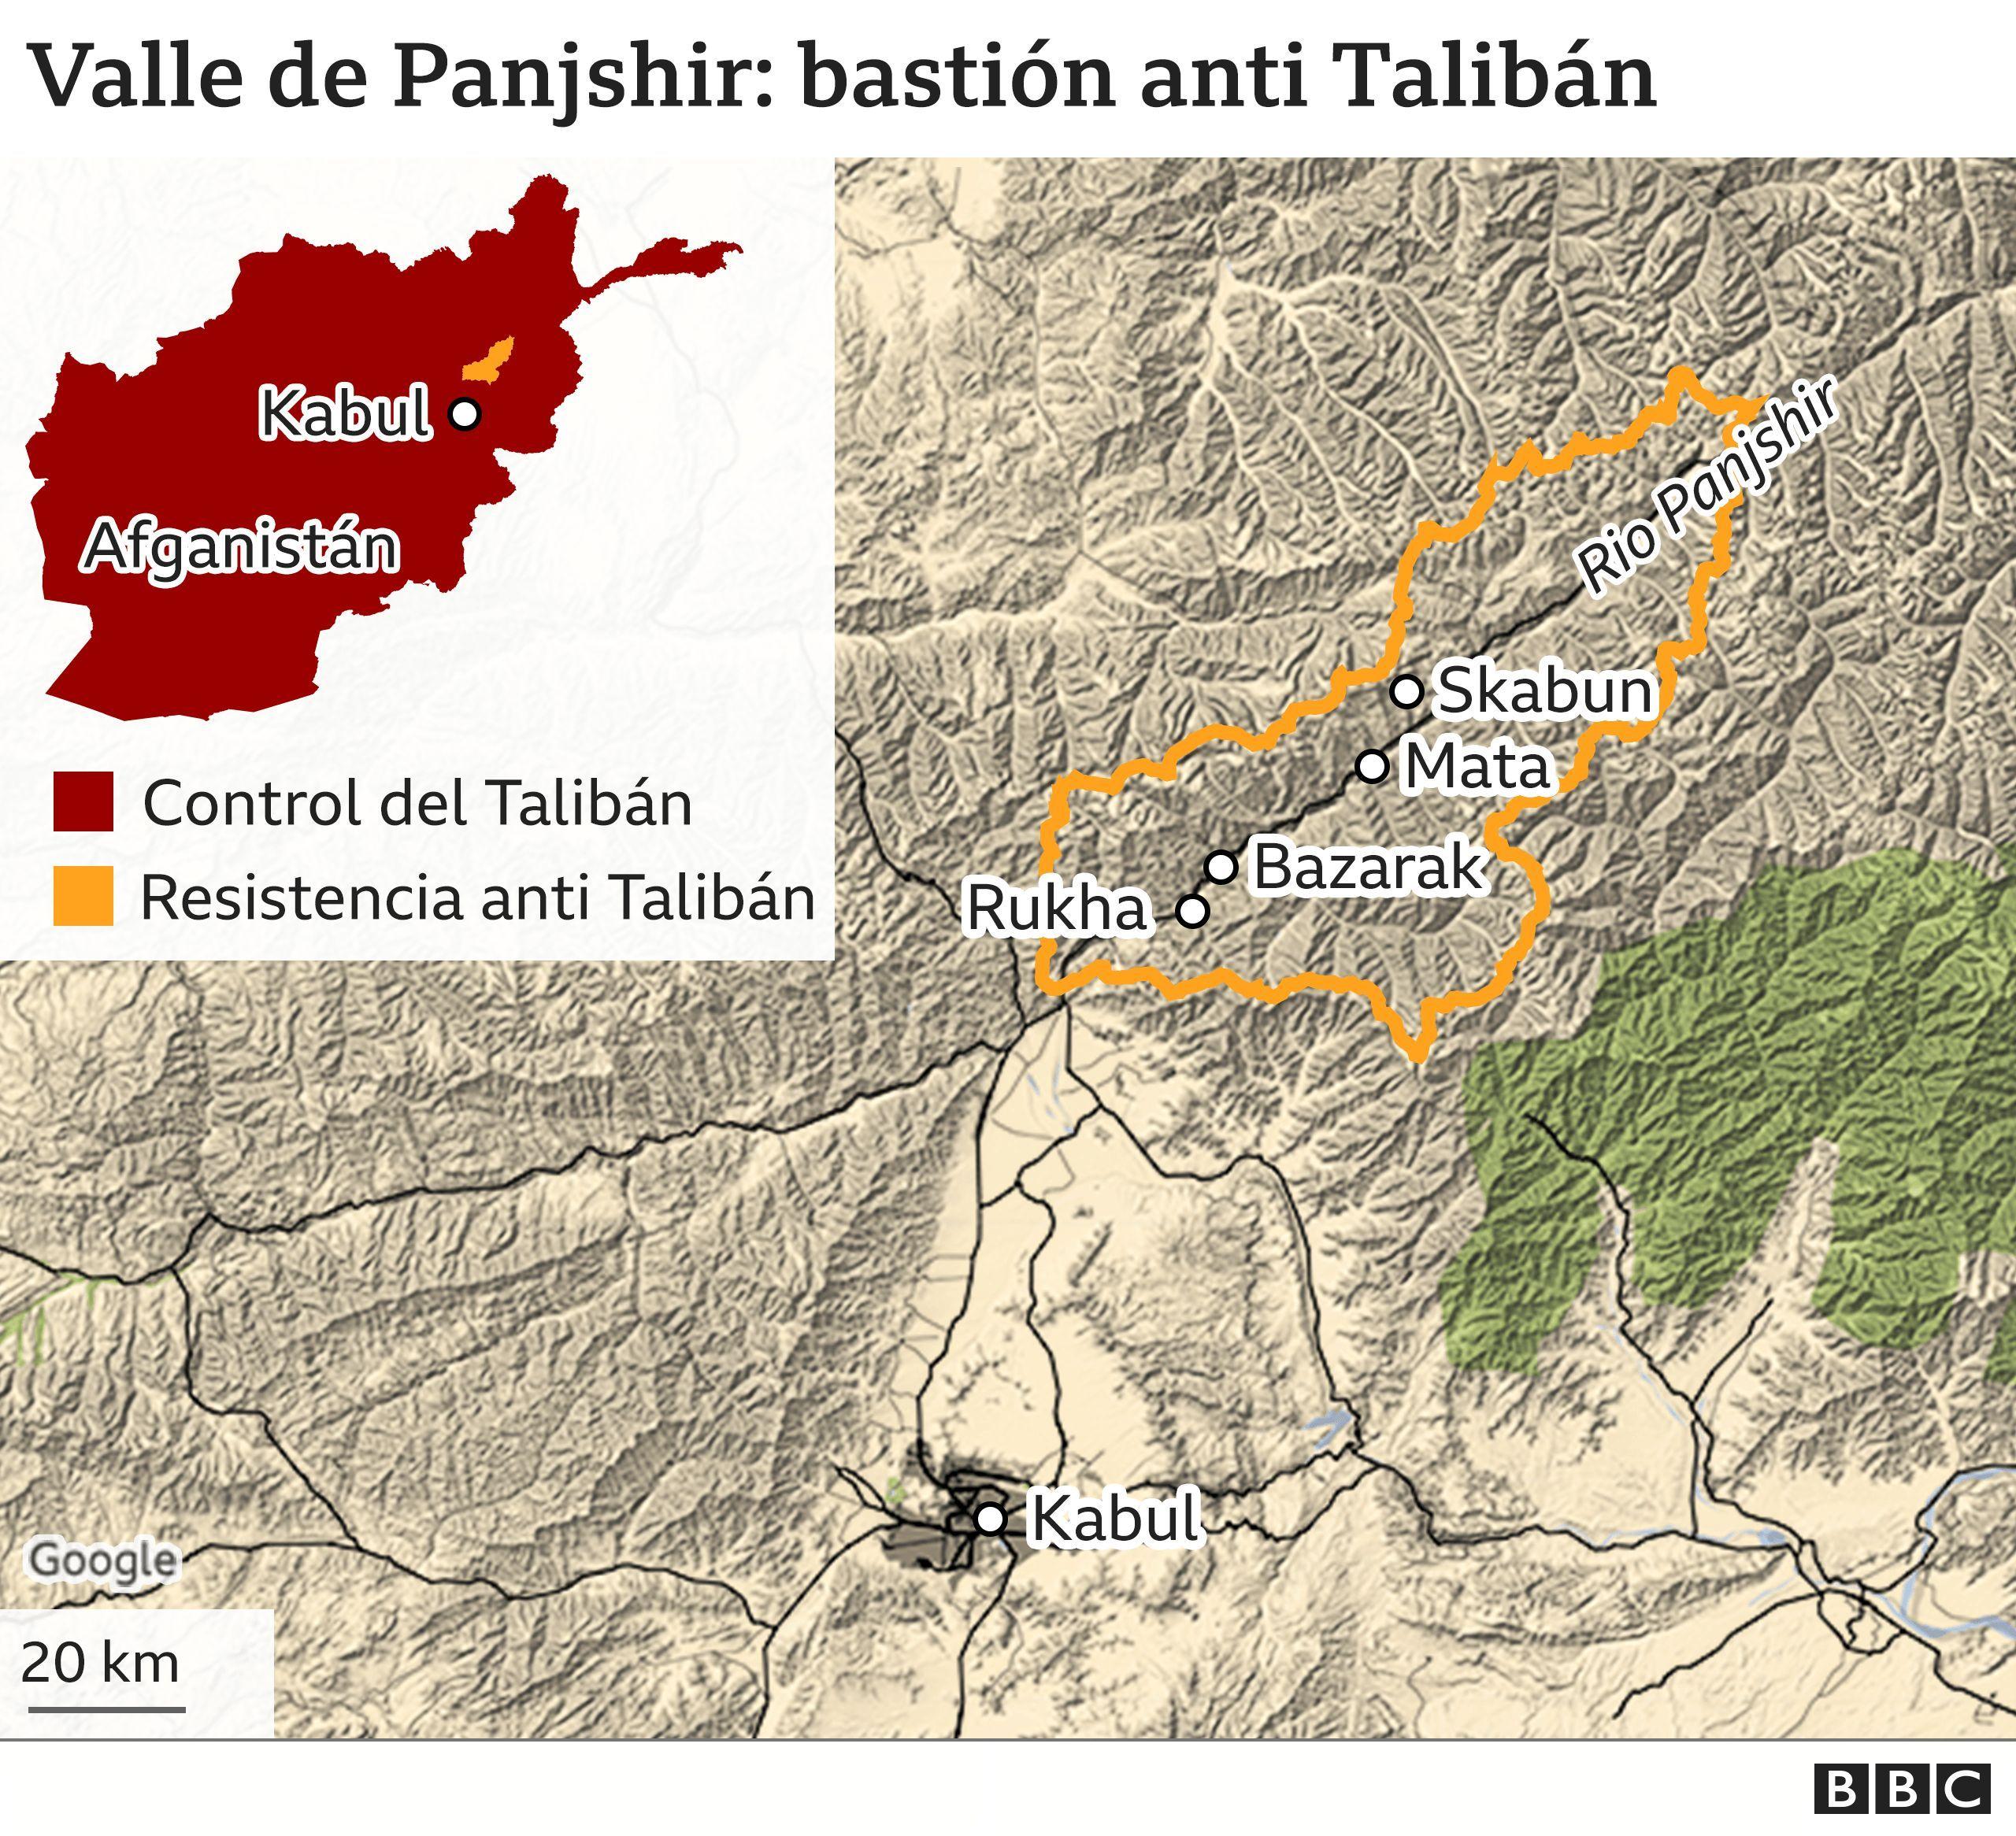 Mapa de la región del valle de Panjshir